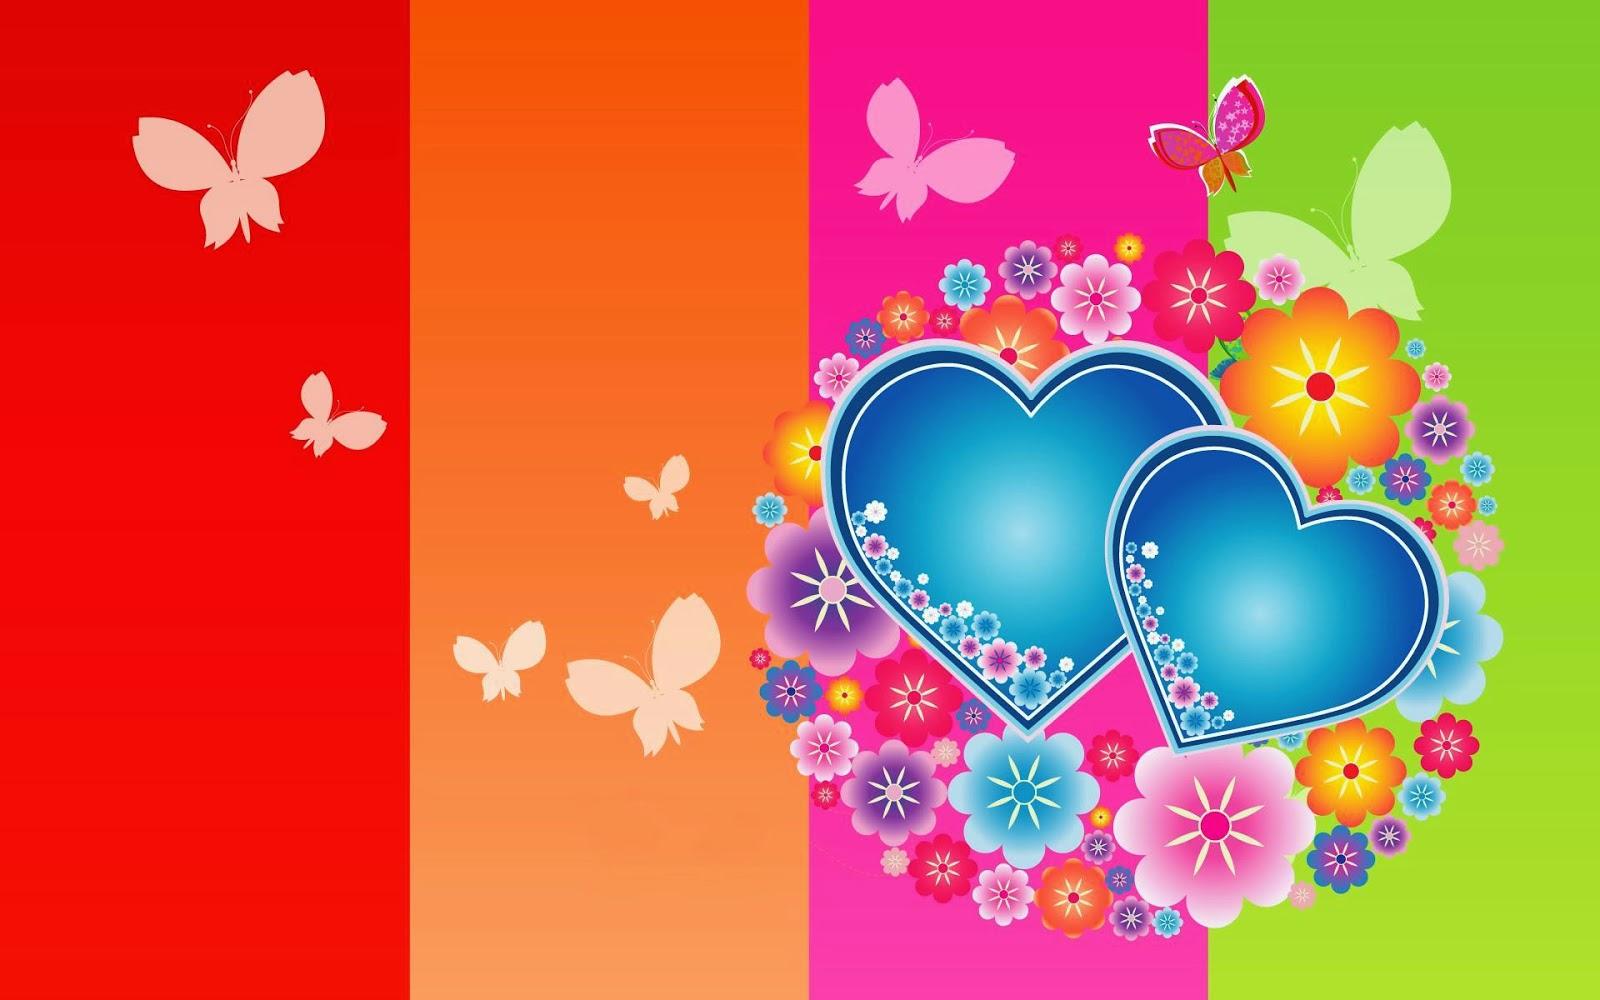 Imagenes Hilandy: Fondo De Pantalla Abstracto Mariposas